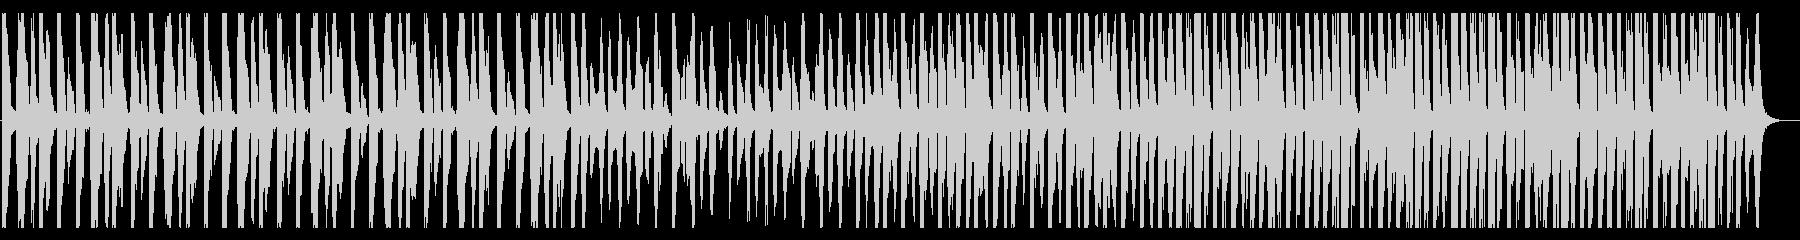 コミカル/かわいい/ハウスNo432_3の未再生の波形